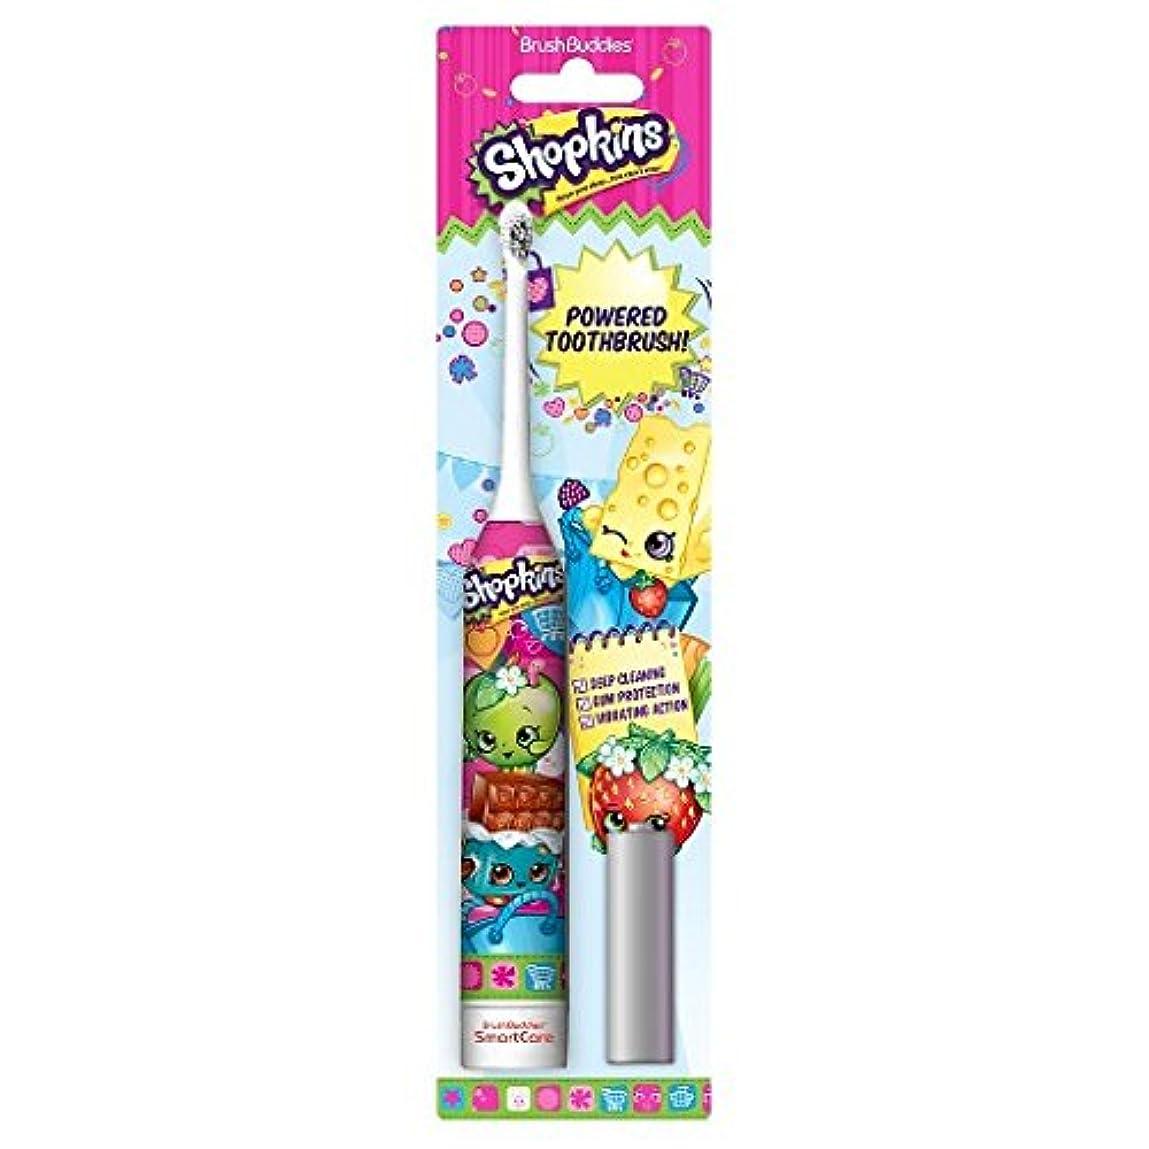 菊虫を数える驚いたBrush Buddies Shopkins Sonic Powered Toothbrush ソニックパワード電動歯ブラシ [並行輸入品]